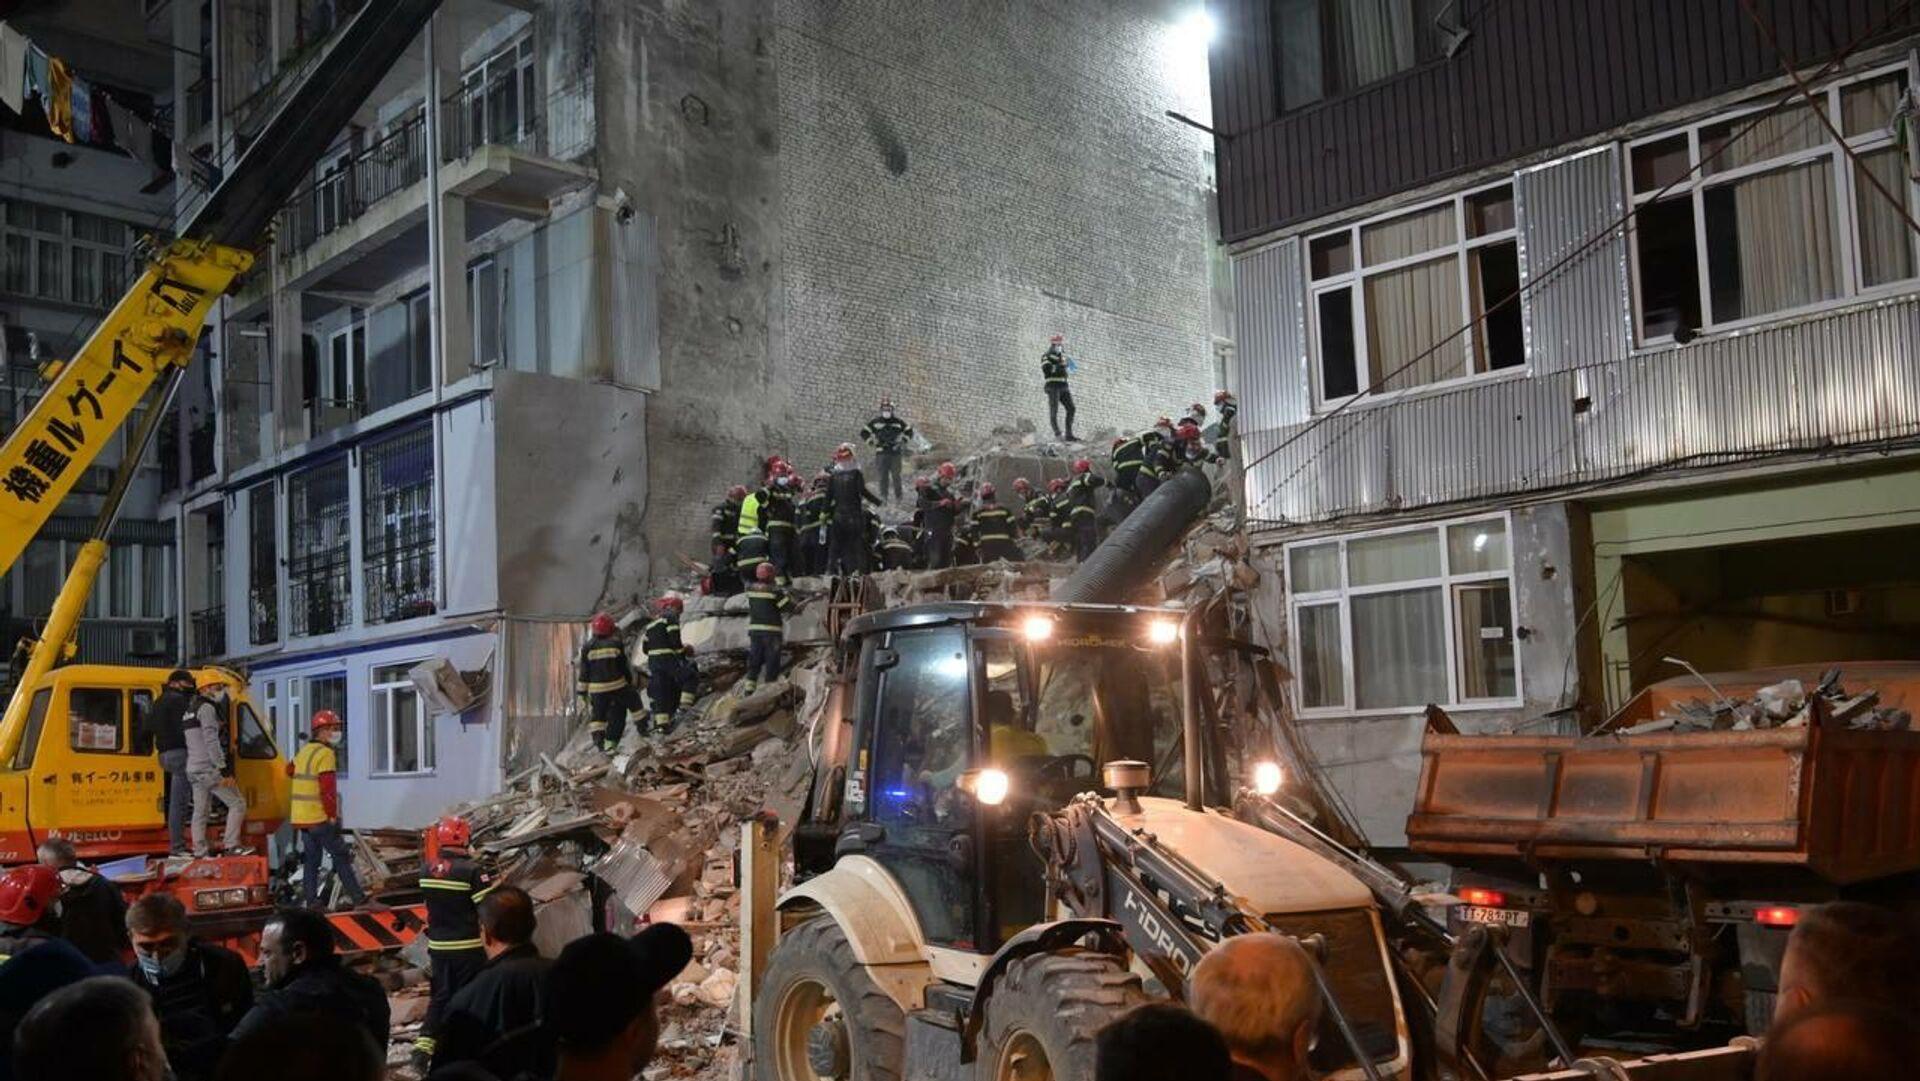 Ночная спасательная операция на месте обрушения жилого дома в Батуми 8 октября 2021 года - Sputnik Грузия, 1920, 08.10.2021